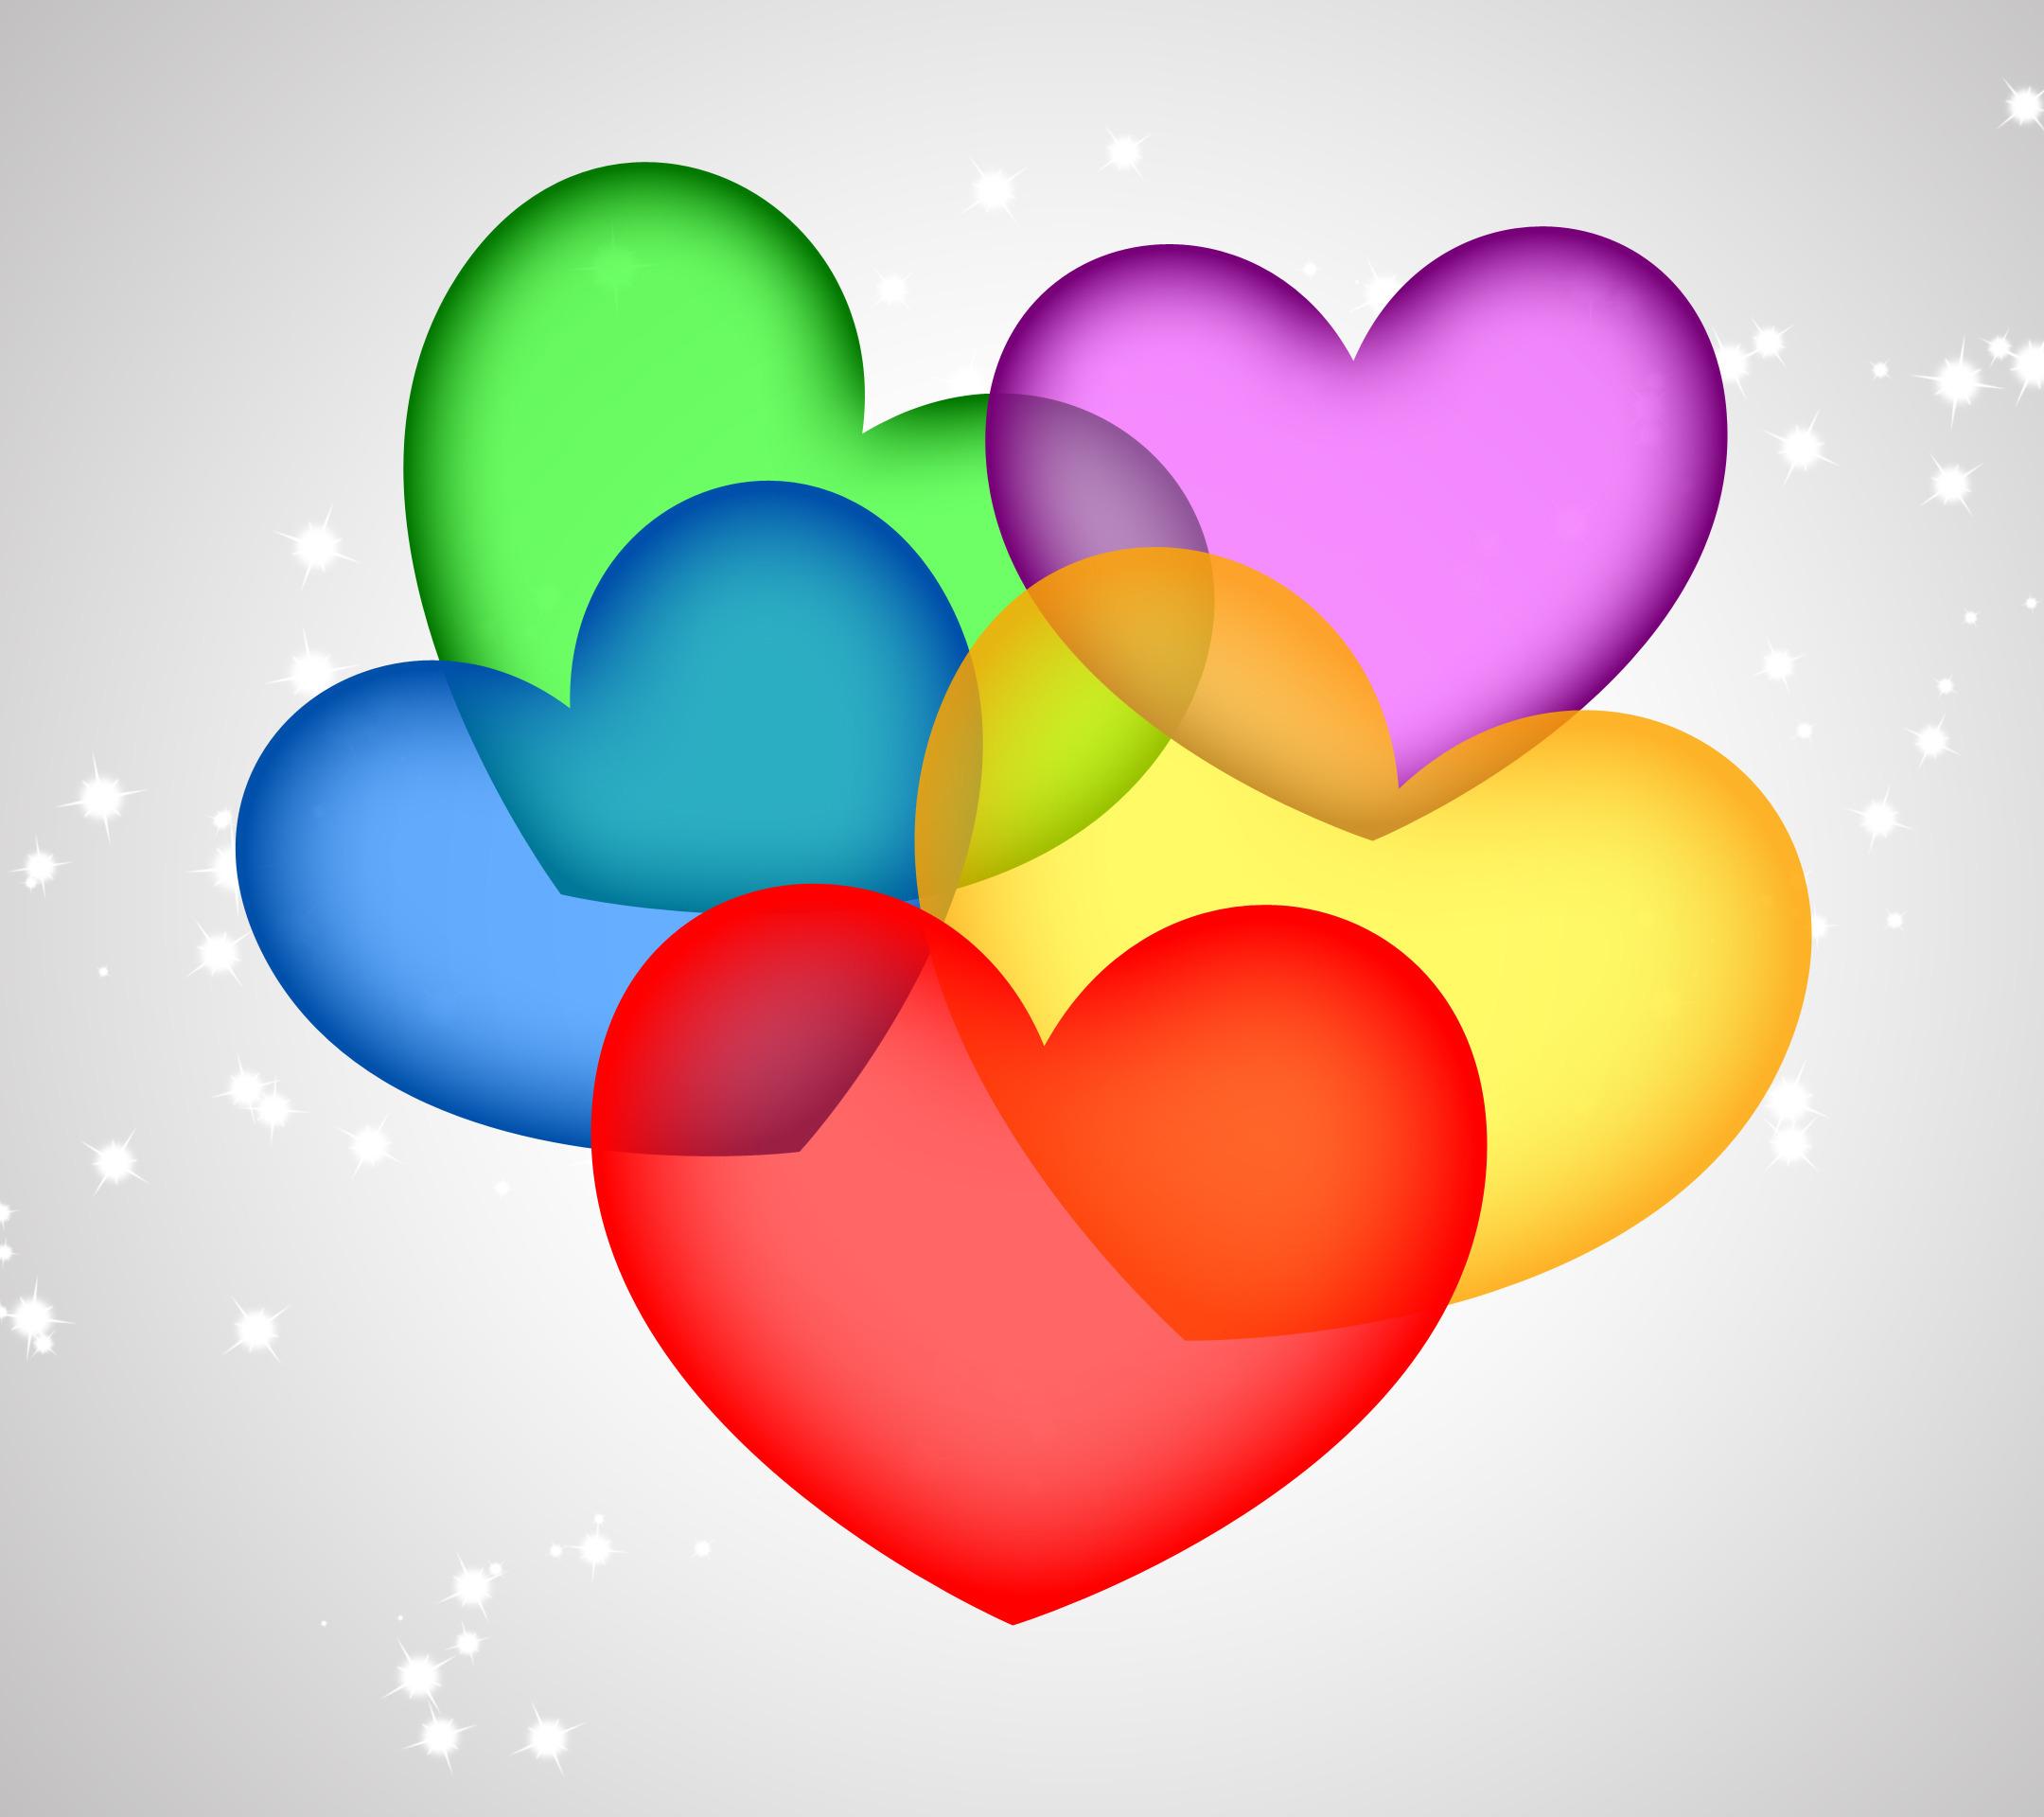 Colorful Hearts Wallpaper - WallpaperSafari